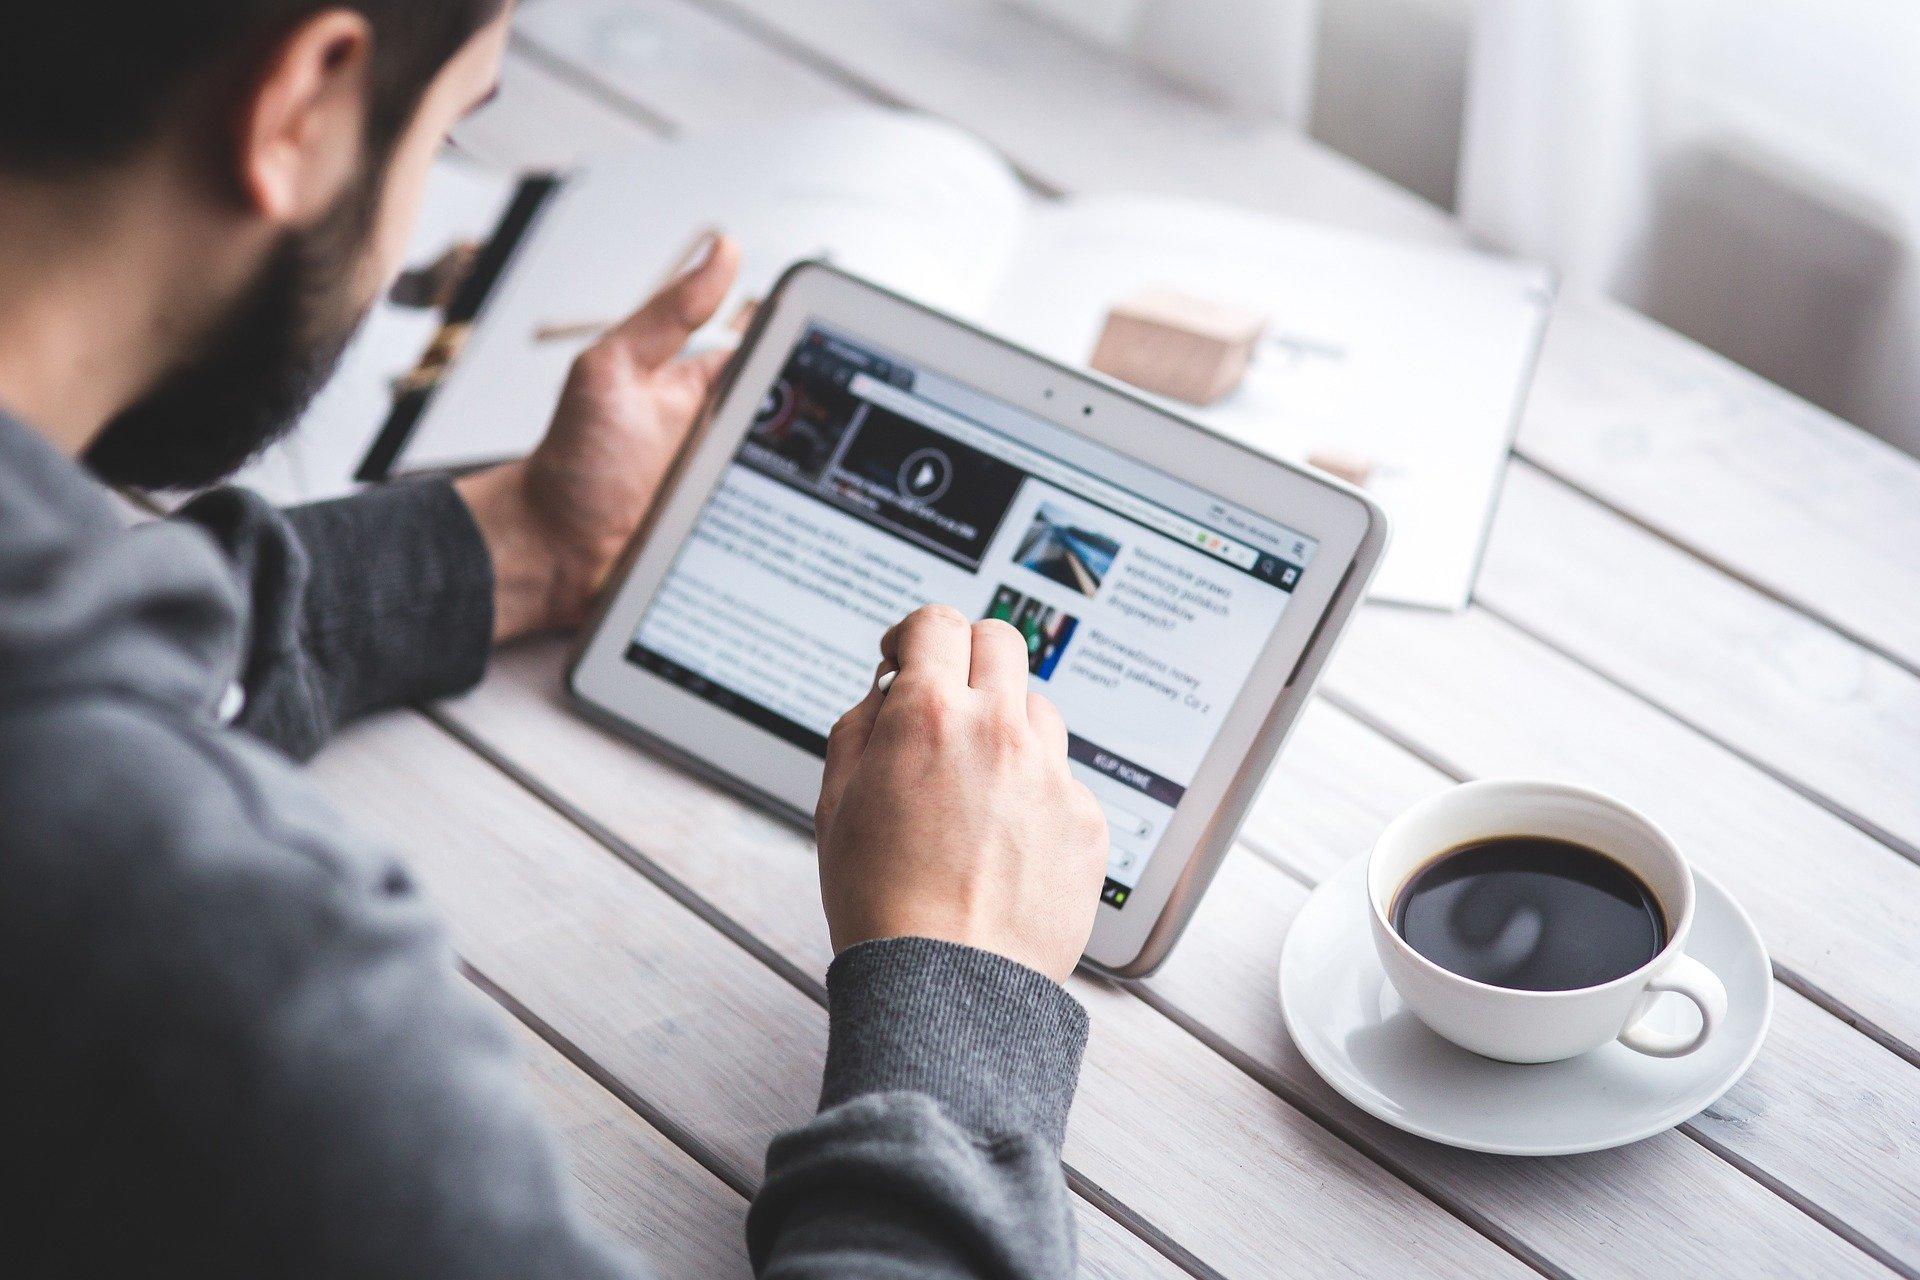 Poranna, zespołowa kawa na dobry początek dnia bądź lunch to w większości firm jeden z ważniejszych elementów budowania społeczności pracowników (Fot. Pixabay)